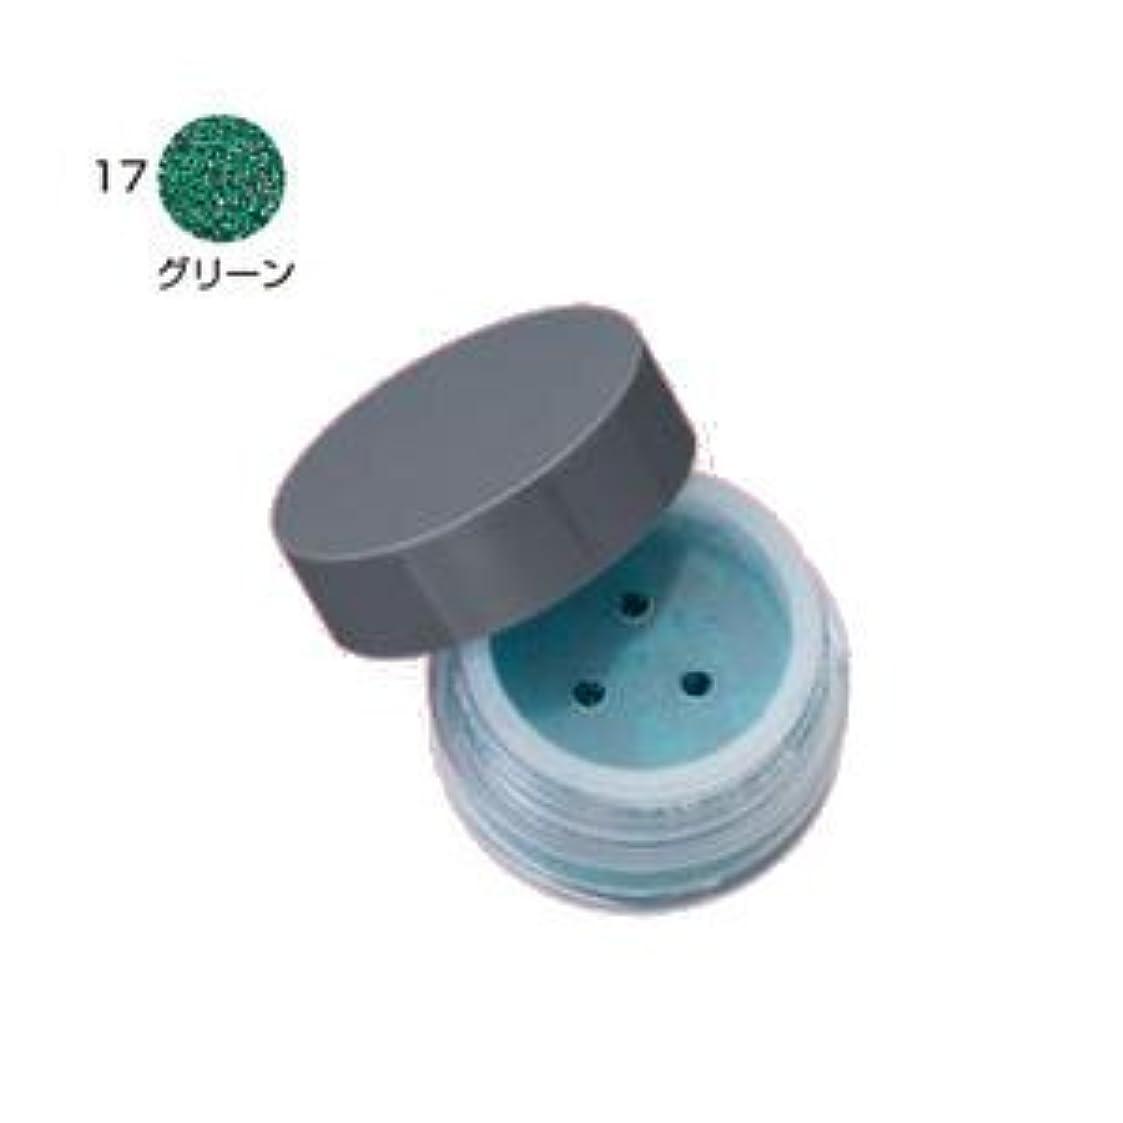 二層きゅうり有罪三善 ミツヨシ カラープリズム 17 グリーン